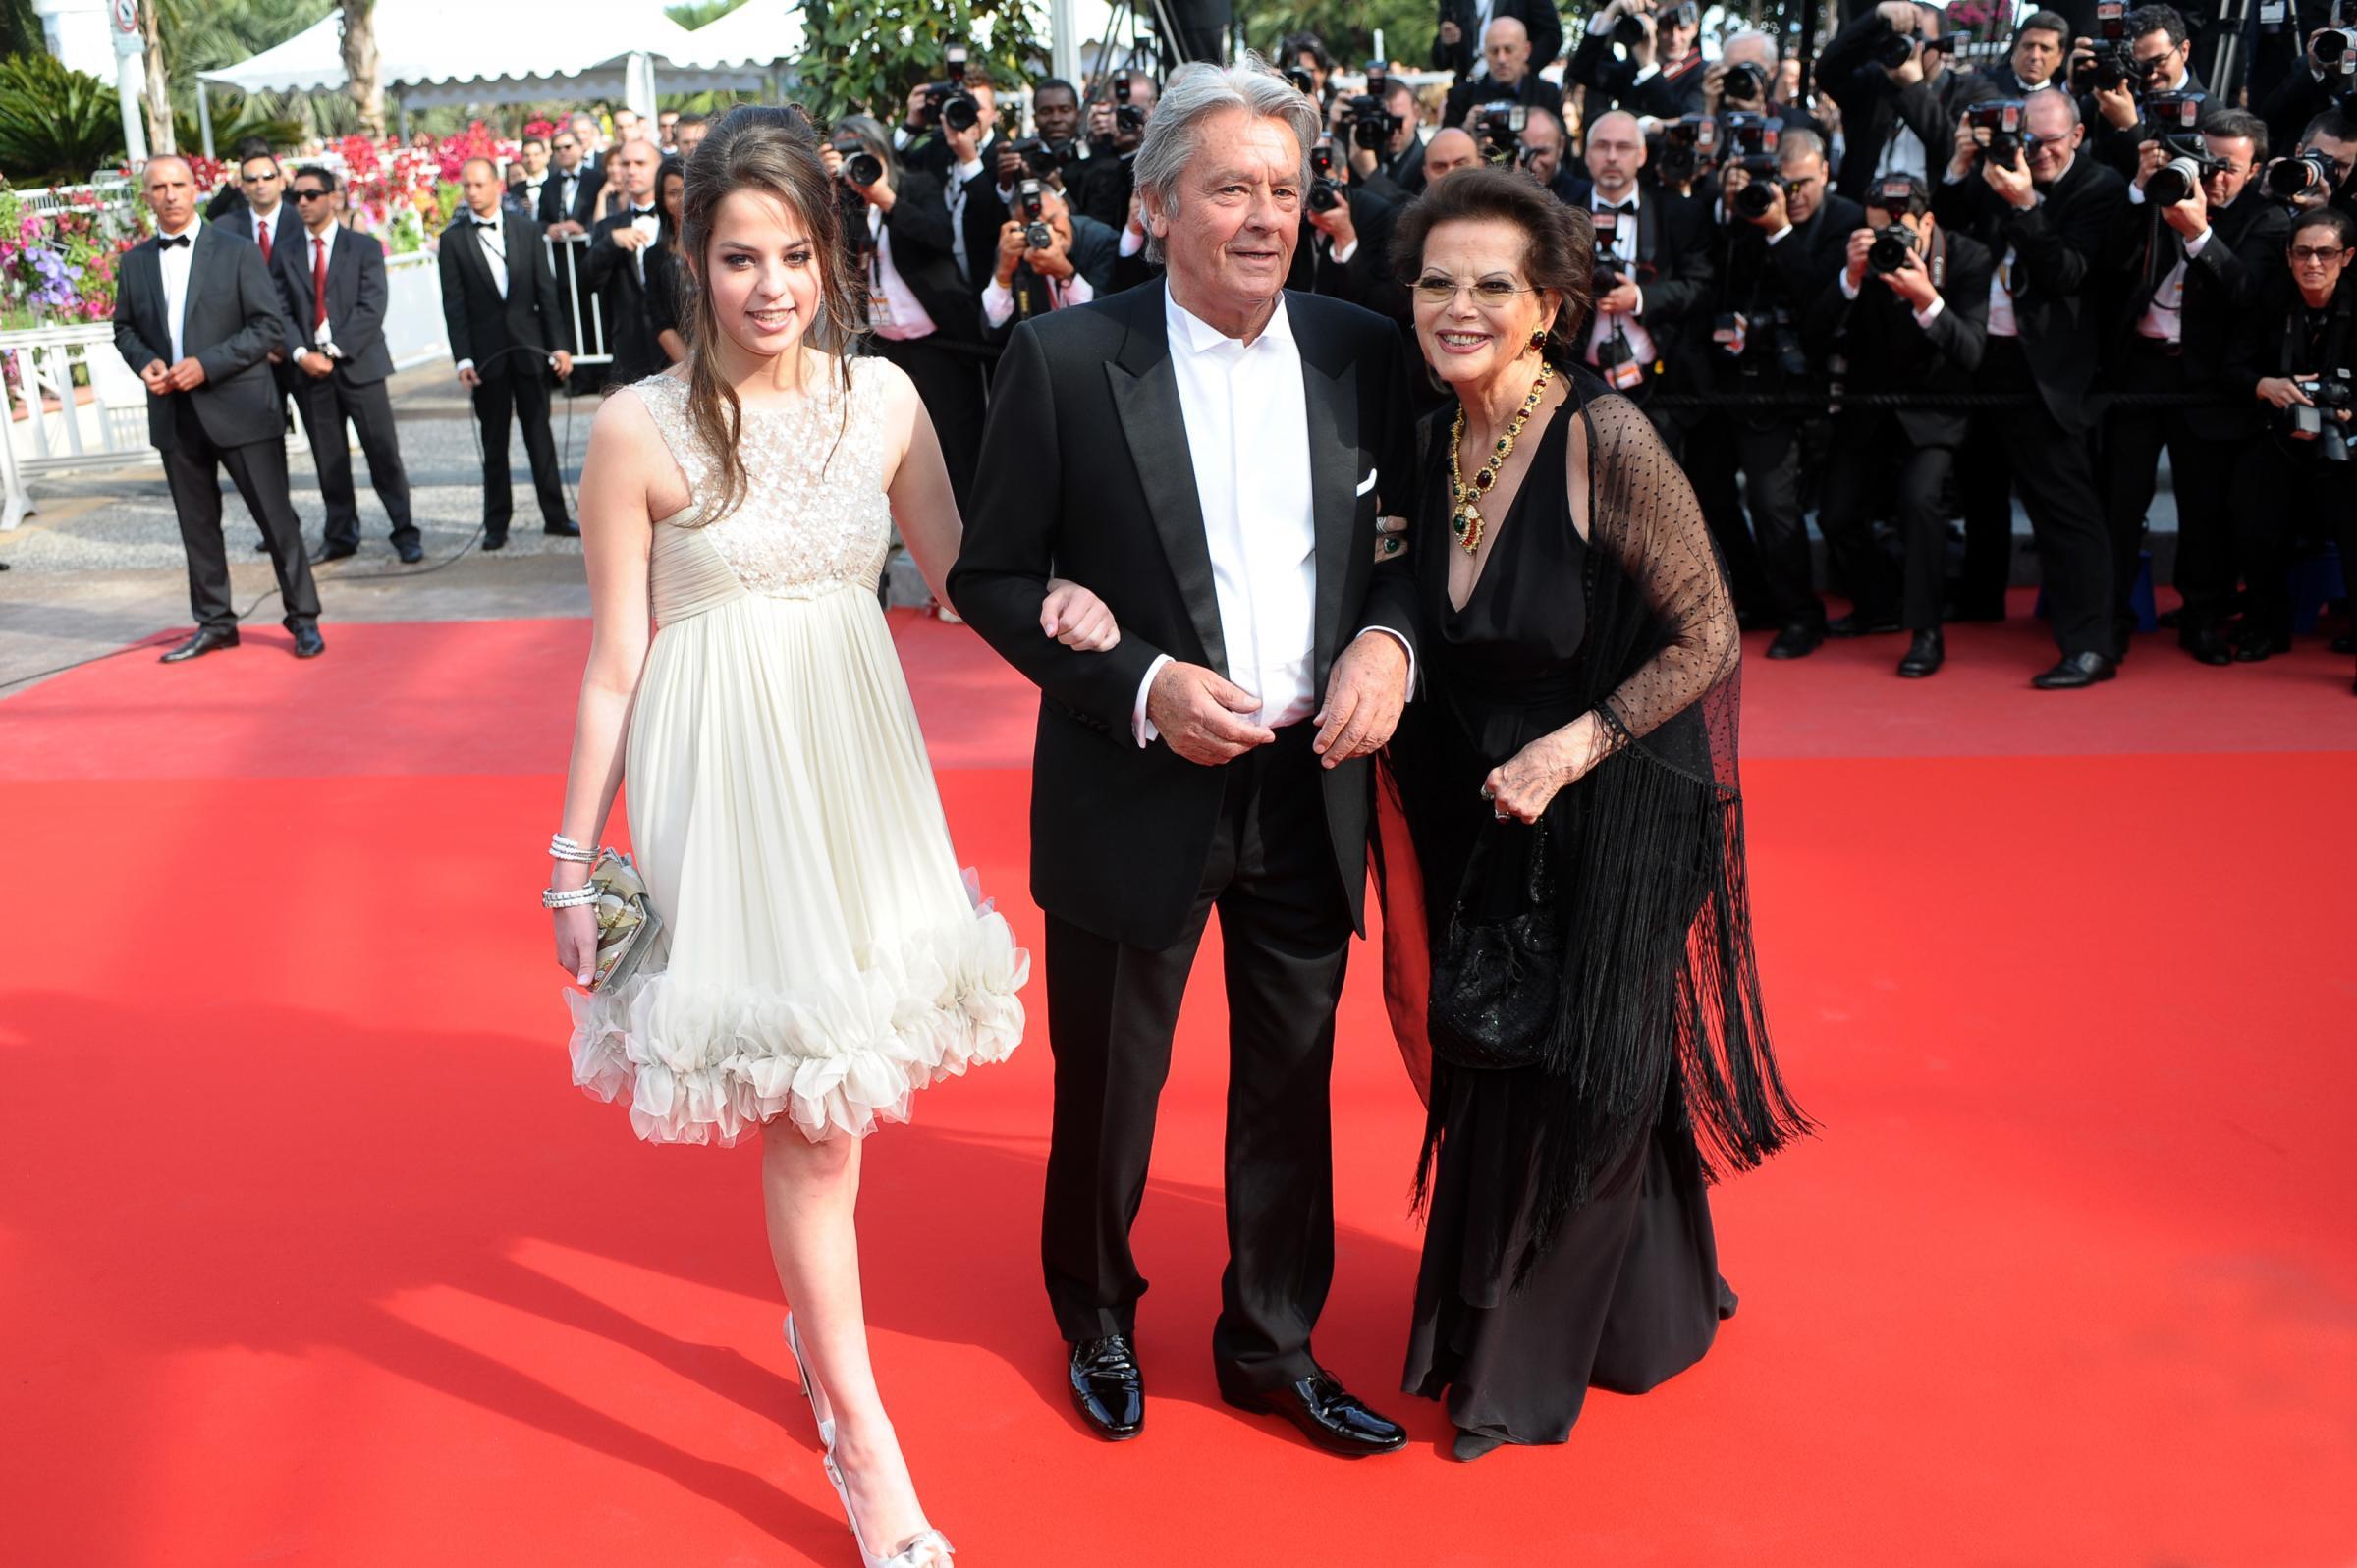 Sanremo 2017, ospite Anouchka Delon: chi è la figlia del celebre divo?